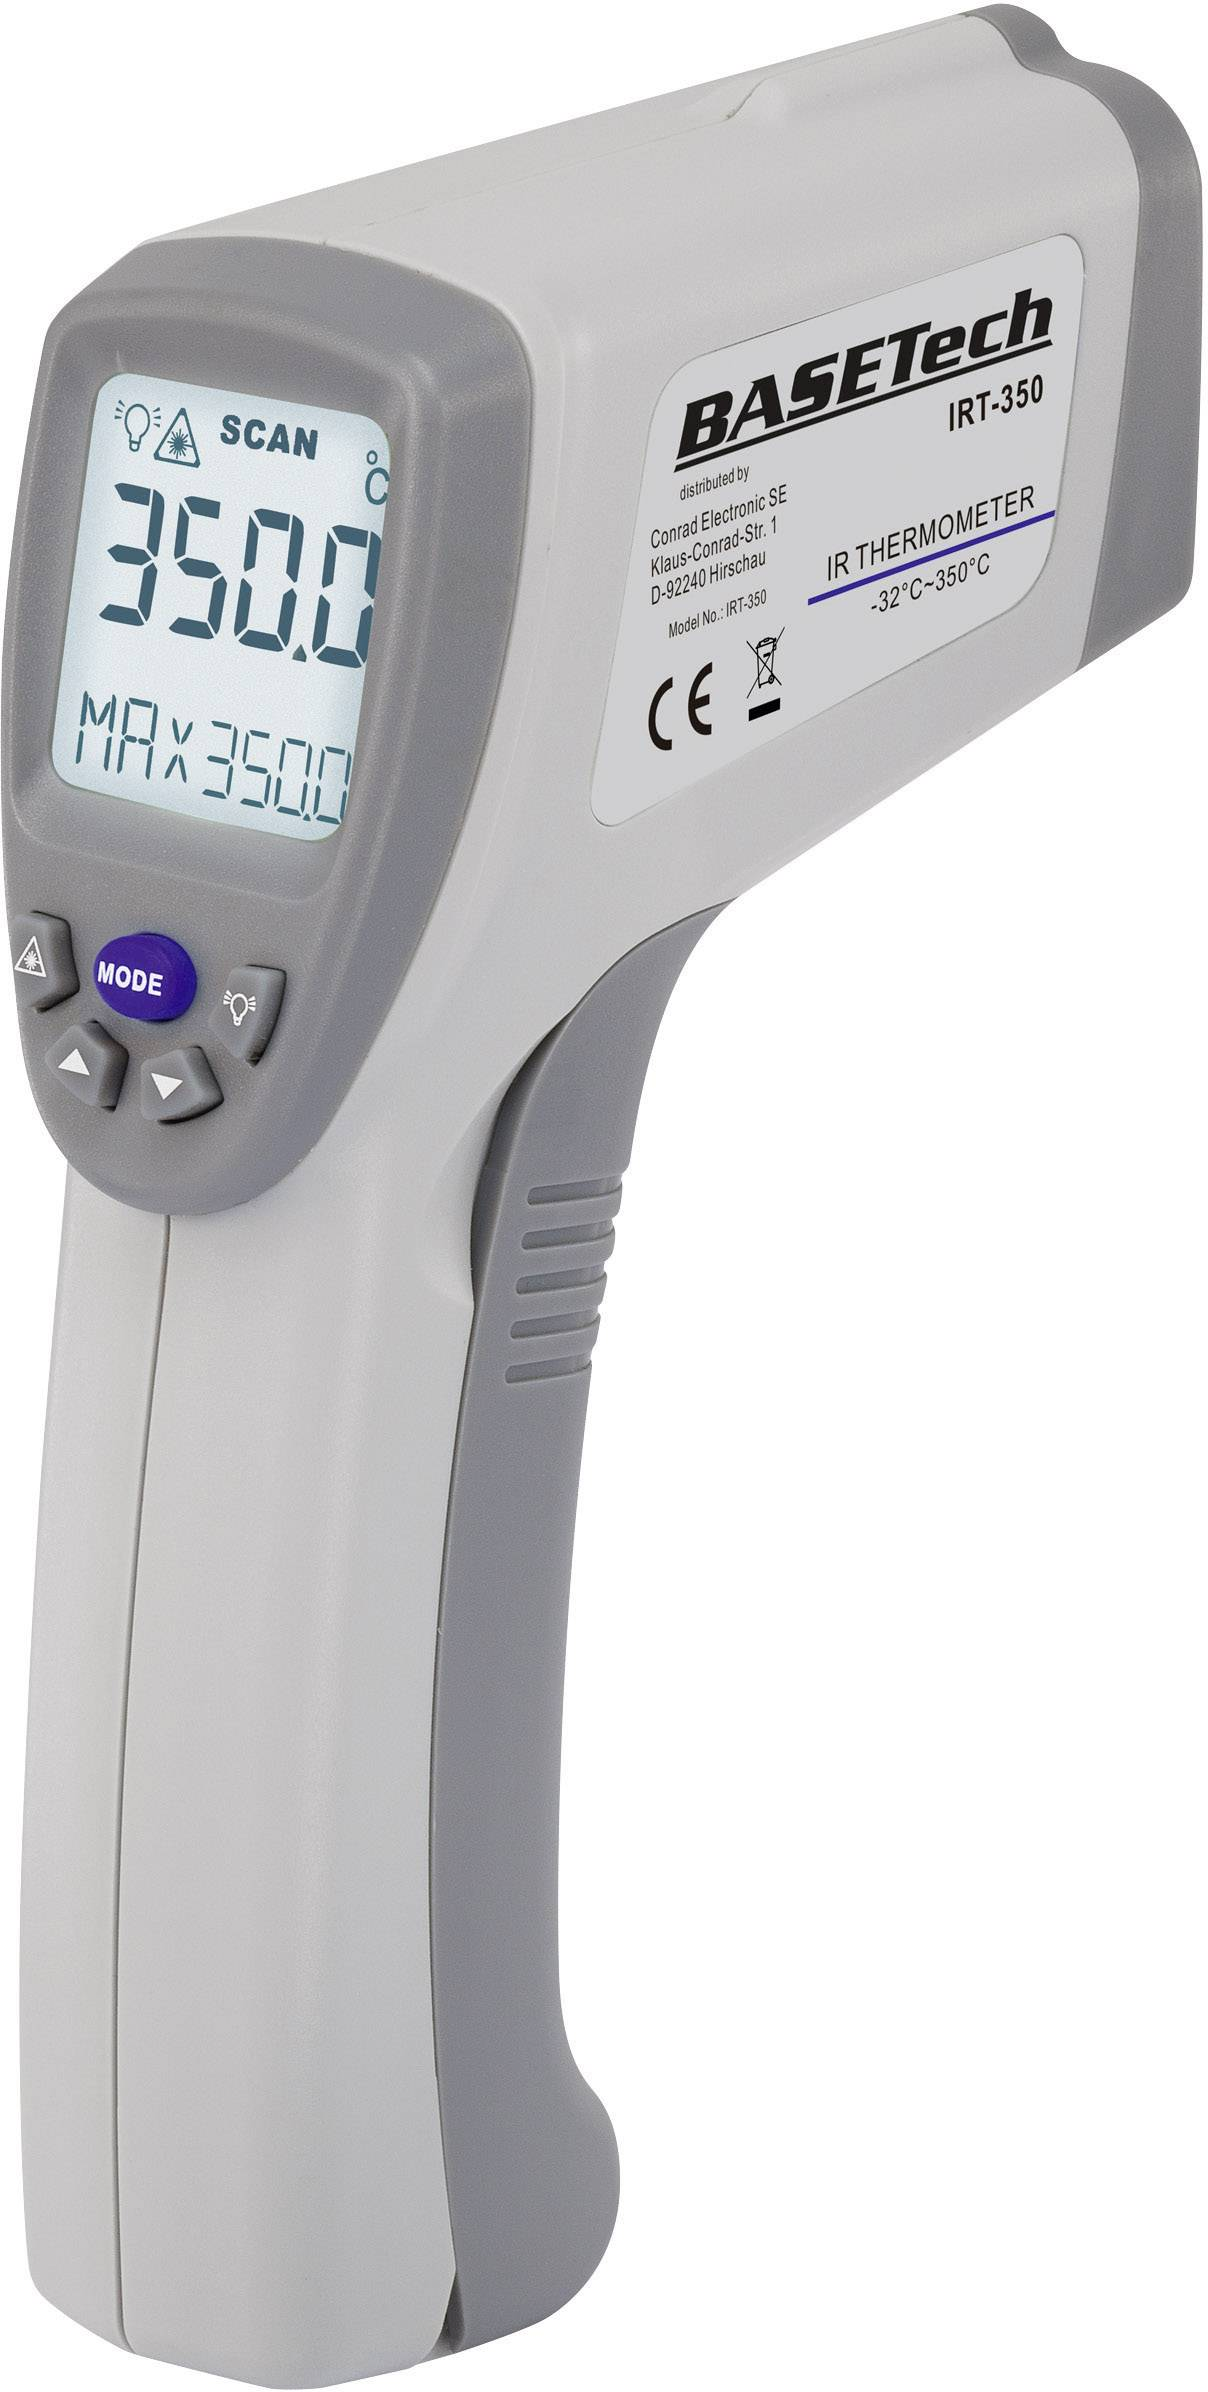 Infračervený teploměr Basetech IRT-350, 10:1, -32 až 350 °C